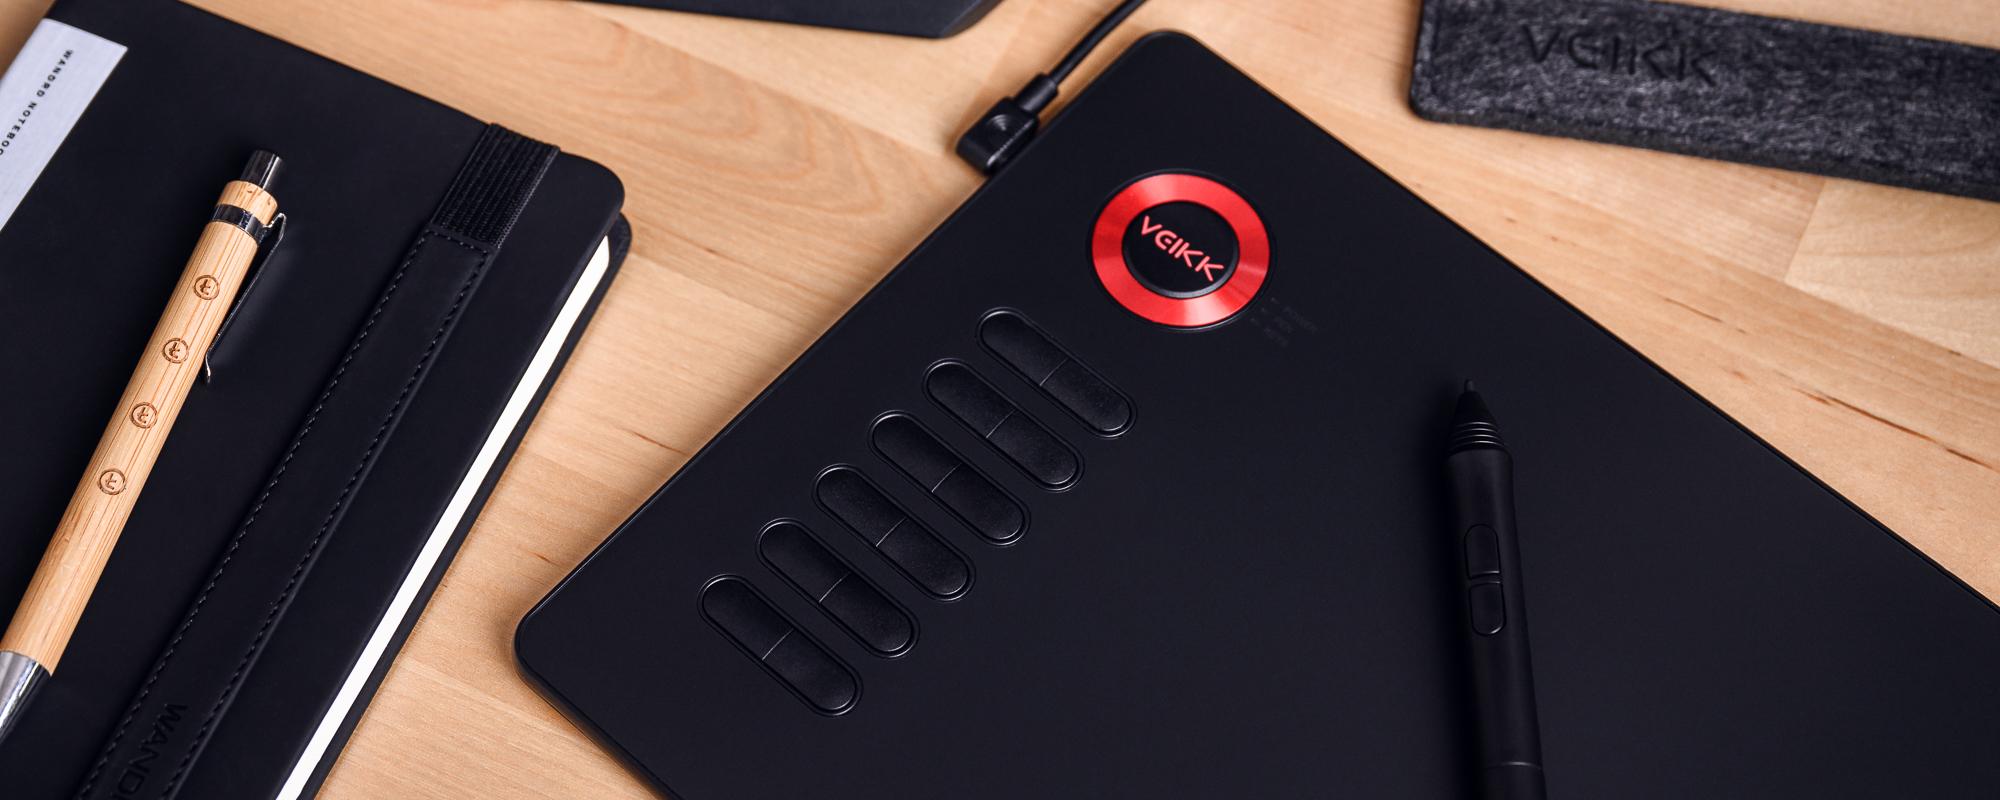 Zdjęcie - tablet graficzny Veikk A15 na jasnobrązowym biurku, piórko, długopis oraz notatnik